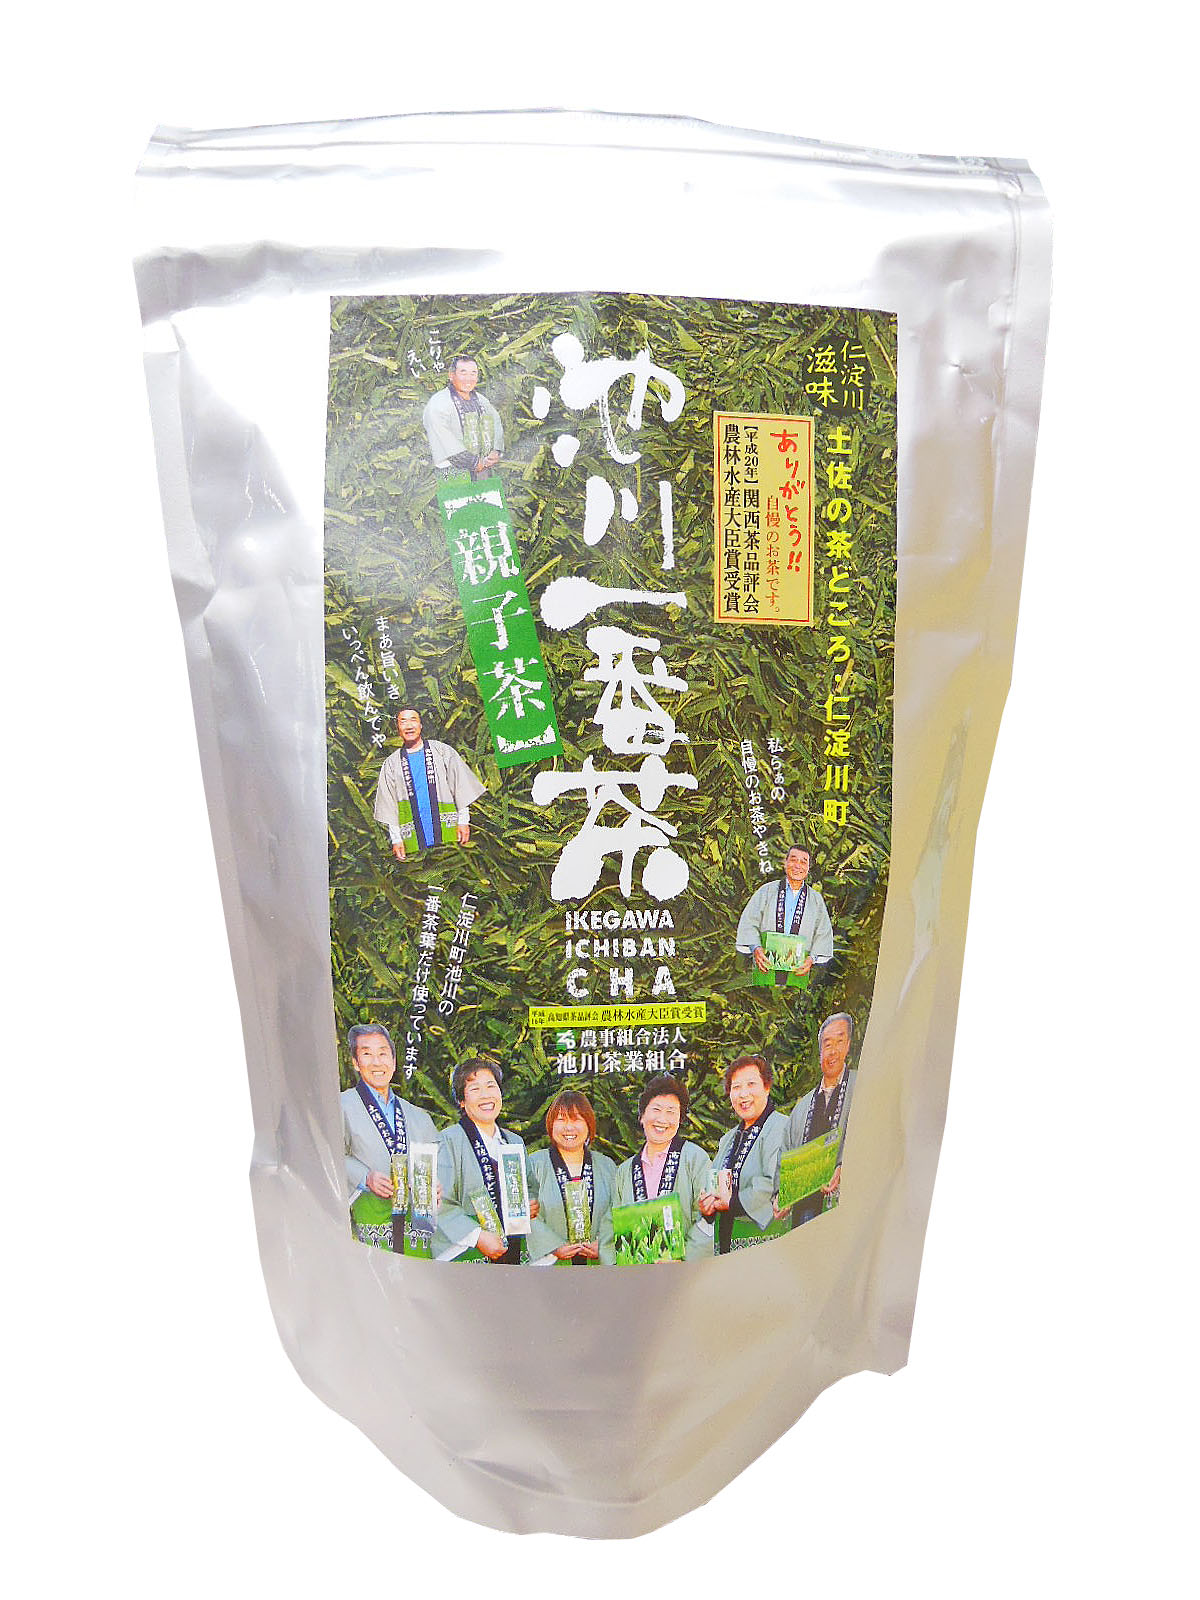 【煎茶】池川一番茶 親子茶 500g